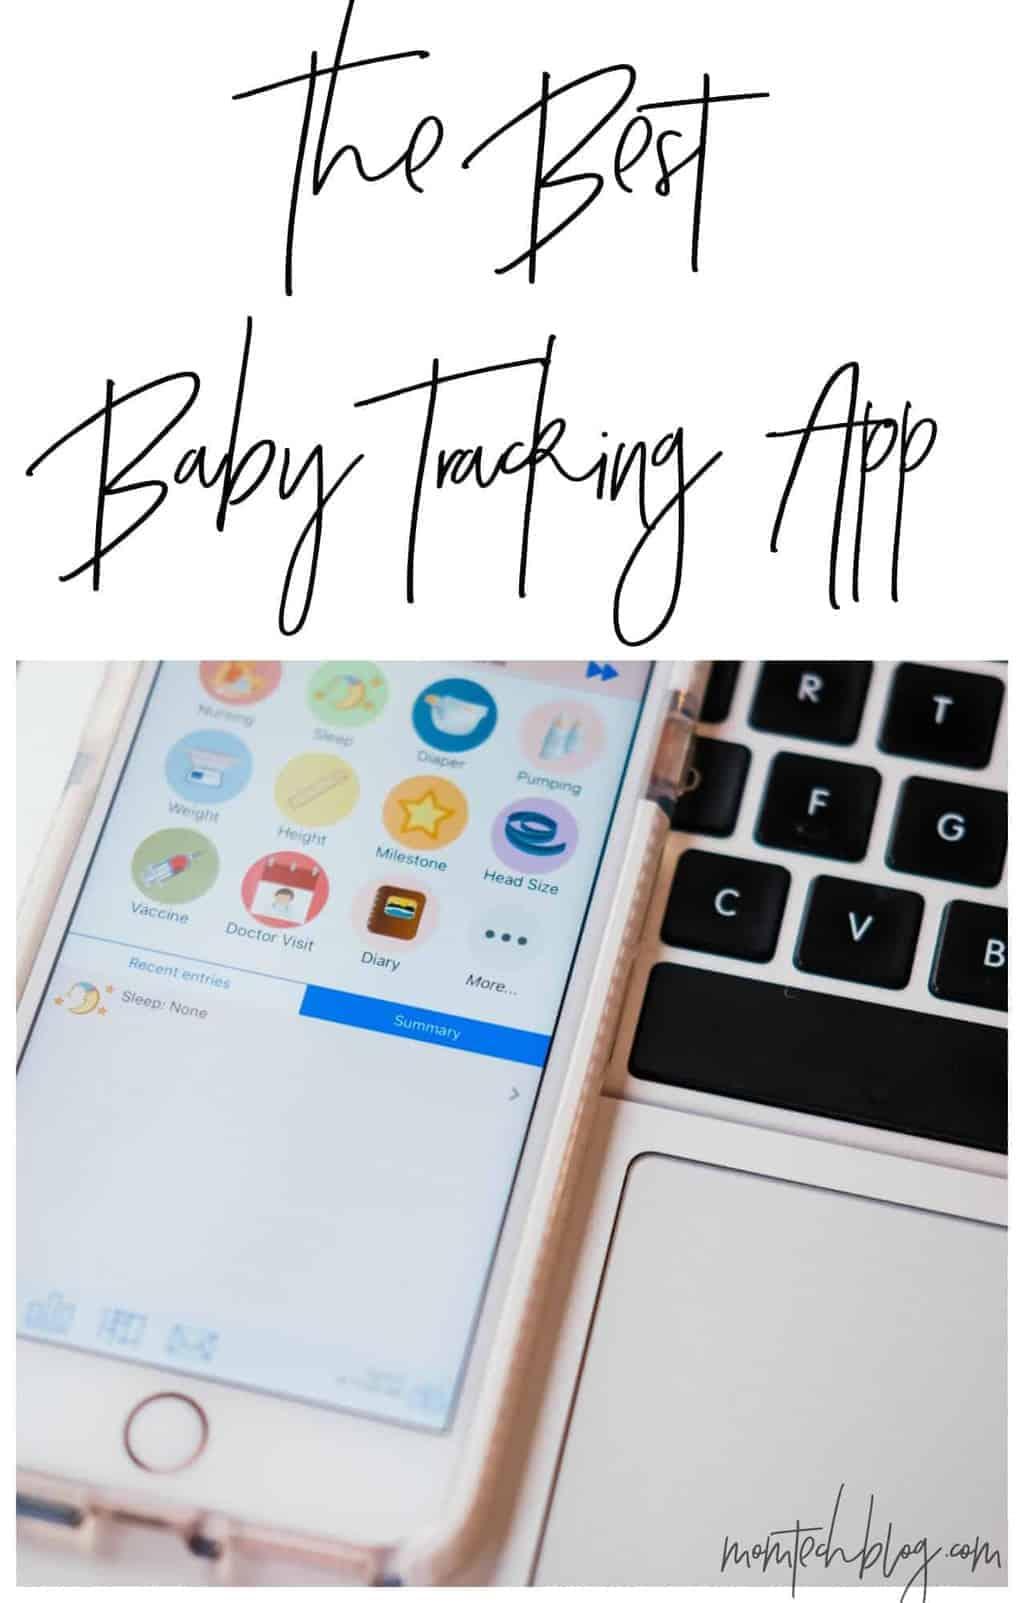 The Best Baby Tracking App - momtechblog.com